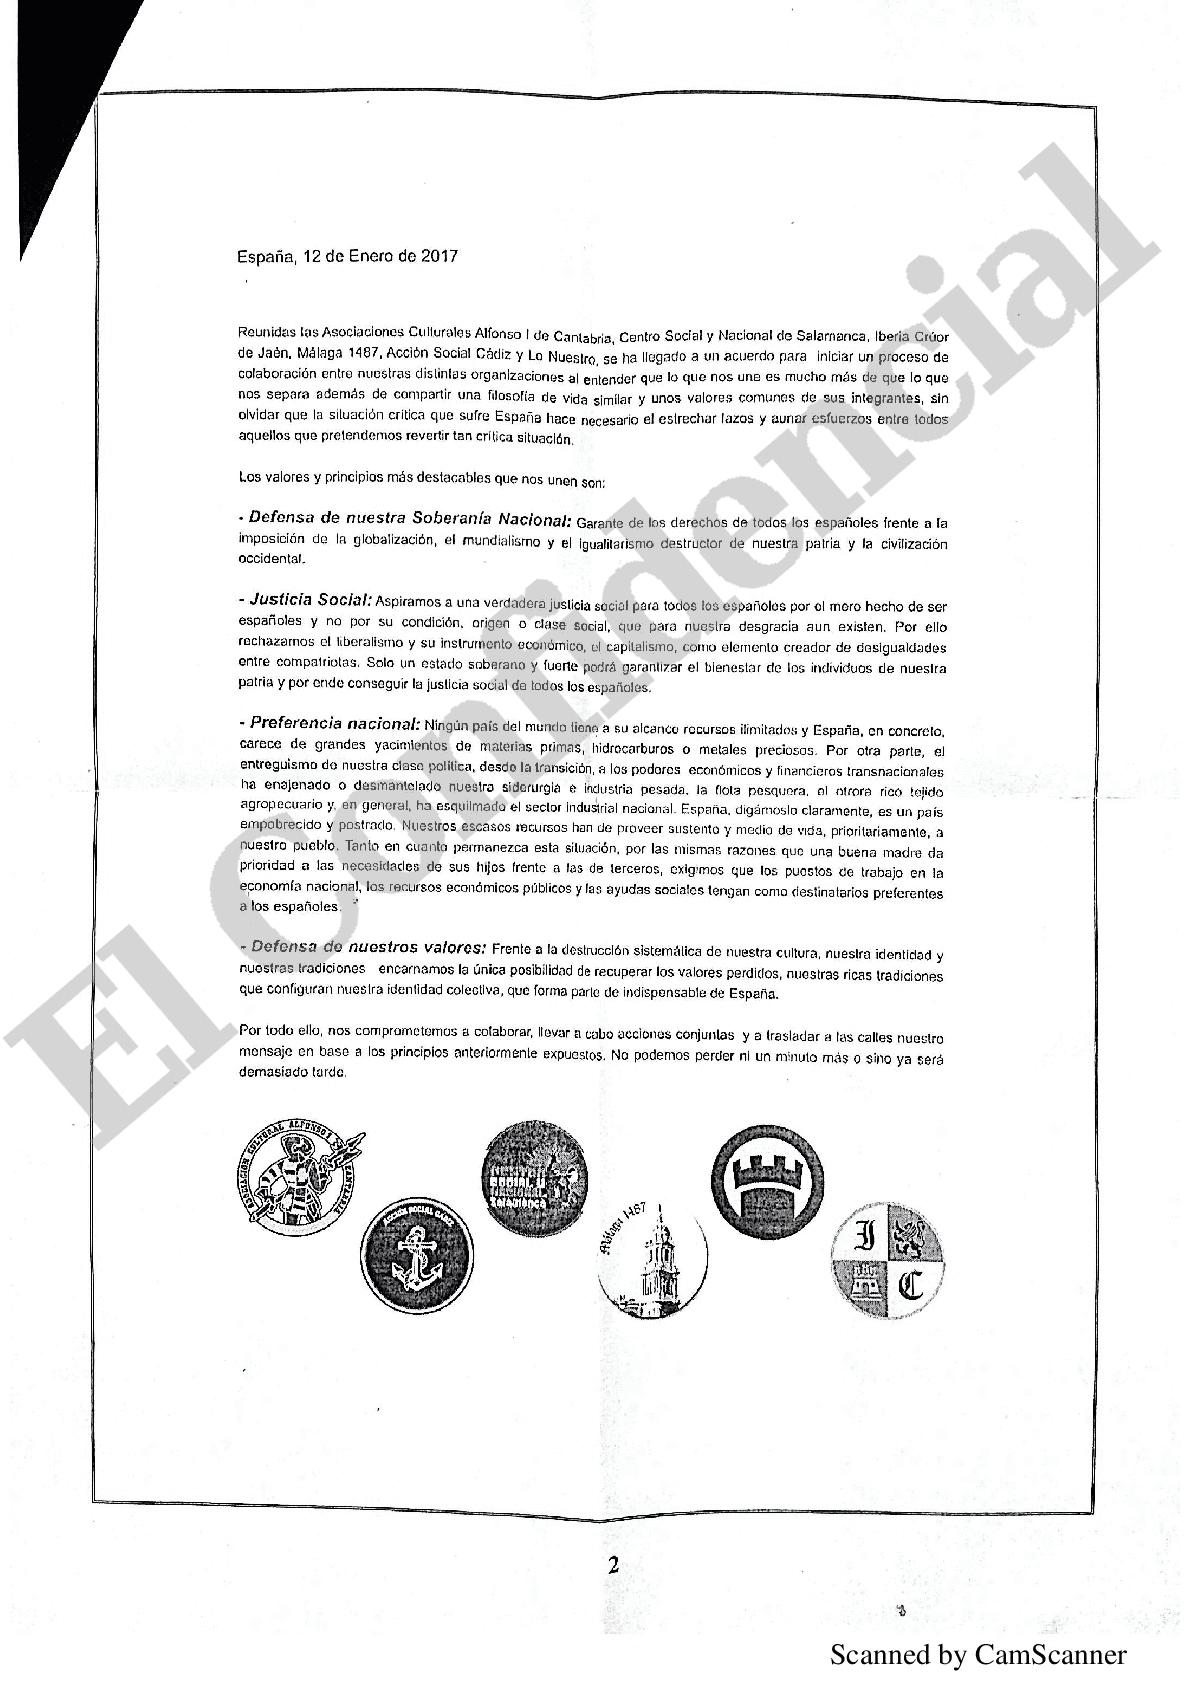 Hogar Social Madrid El Neofascismo Que Reparte Comida Por Toda Endurogaliciacom O Ver Tema Esquema Electrico Ec 250 2003 Pinche Aqu Para Documento